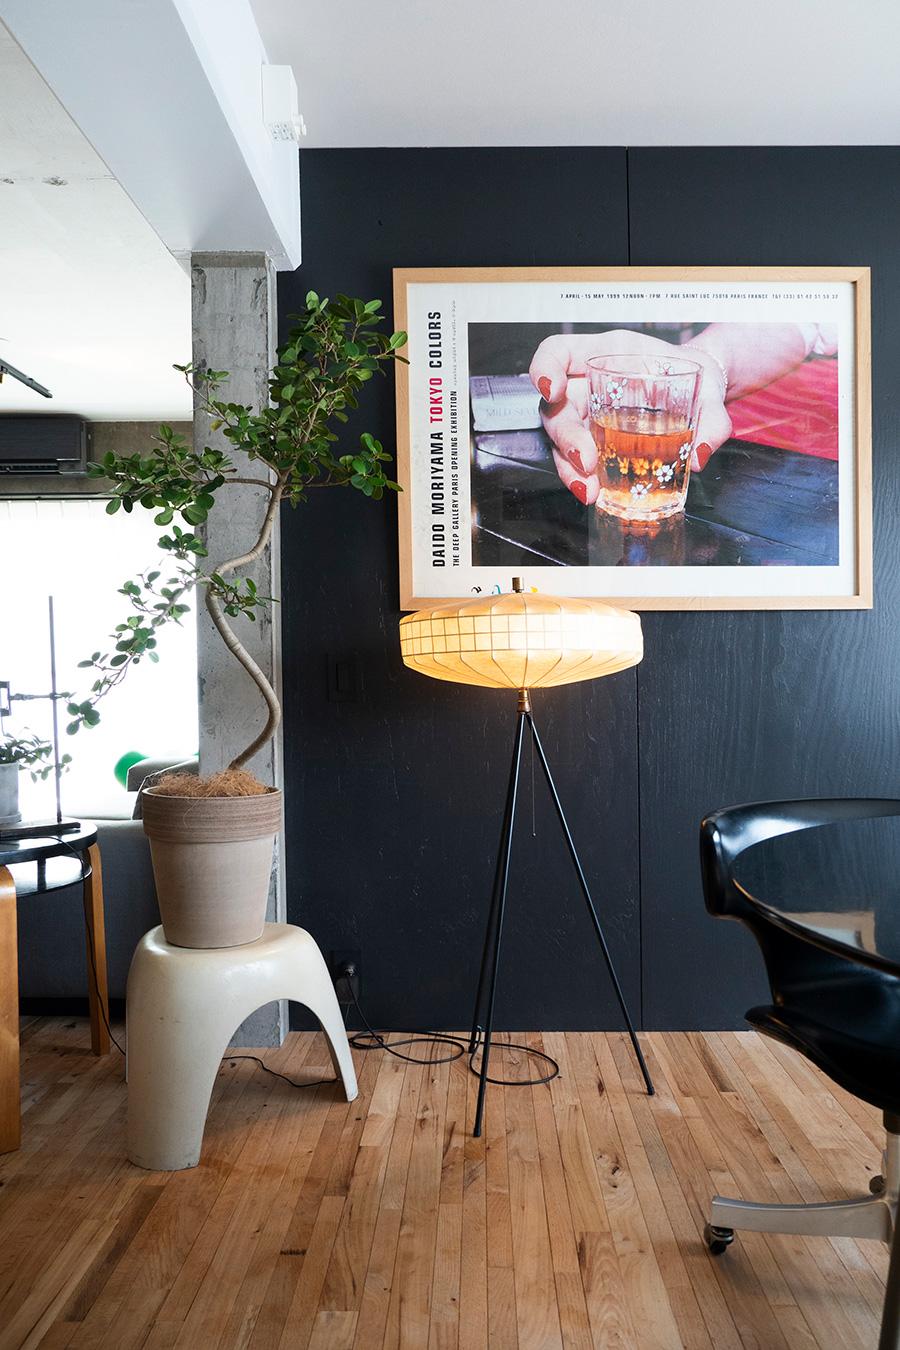 柳宗裡のエレファントスツールを鉢植えの台座に。フロアスタンドはドイツかイタリアのもの。